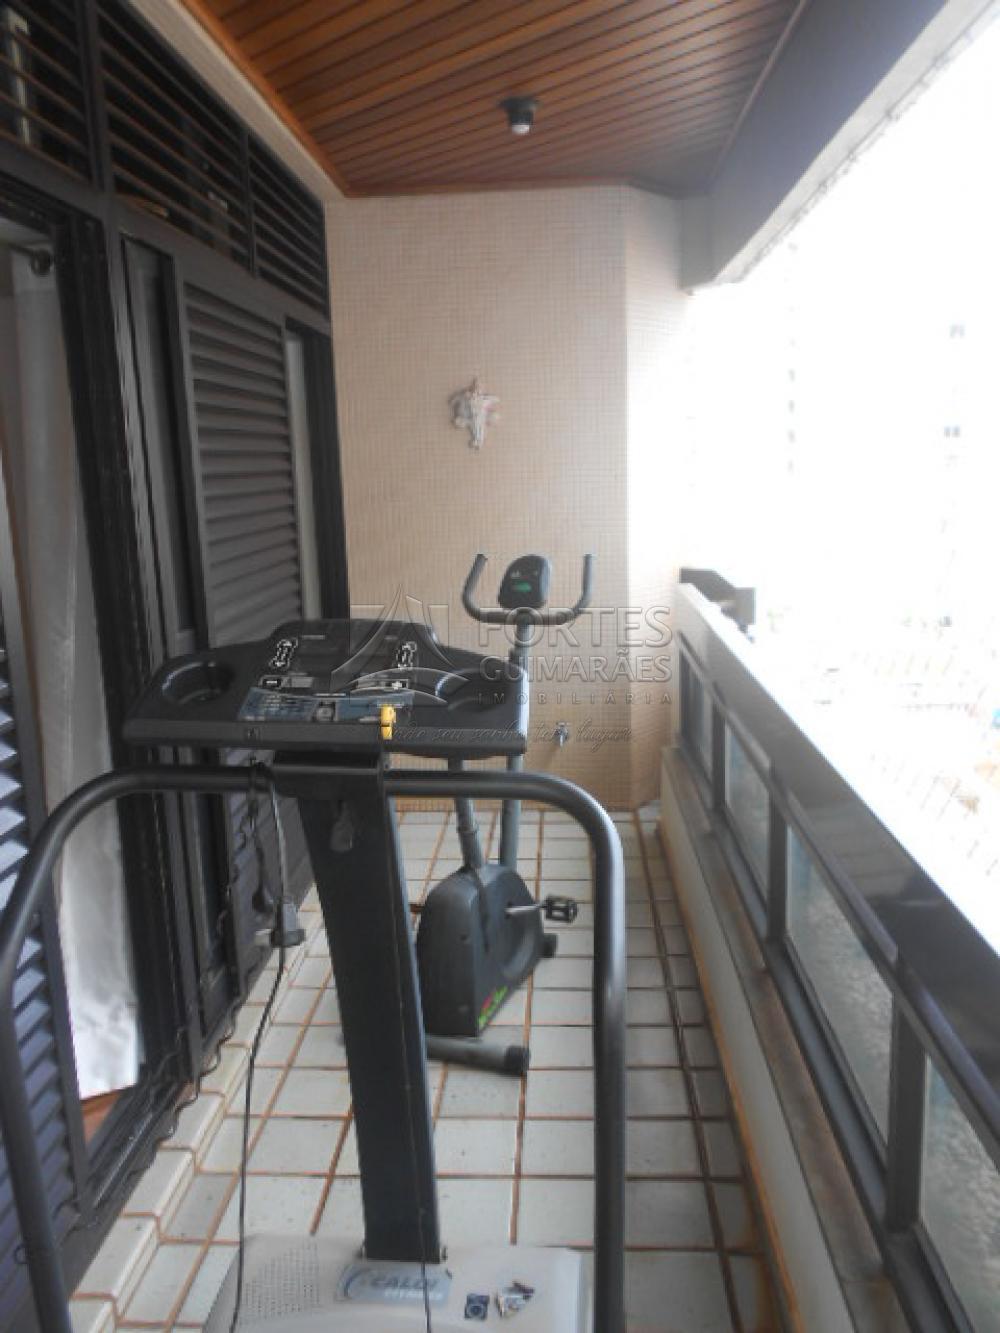 Alugar Apartamentos / Padrão em Ribeirão Preto apenas R$ 3.800,00 - Foto 30